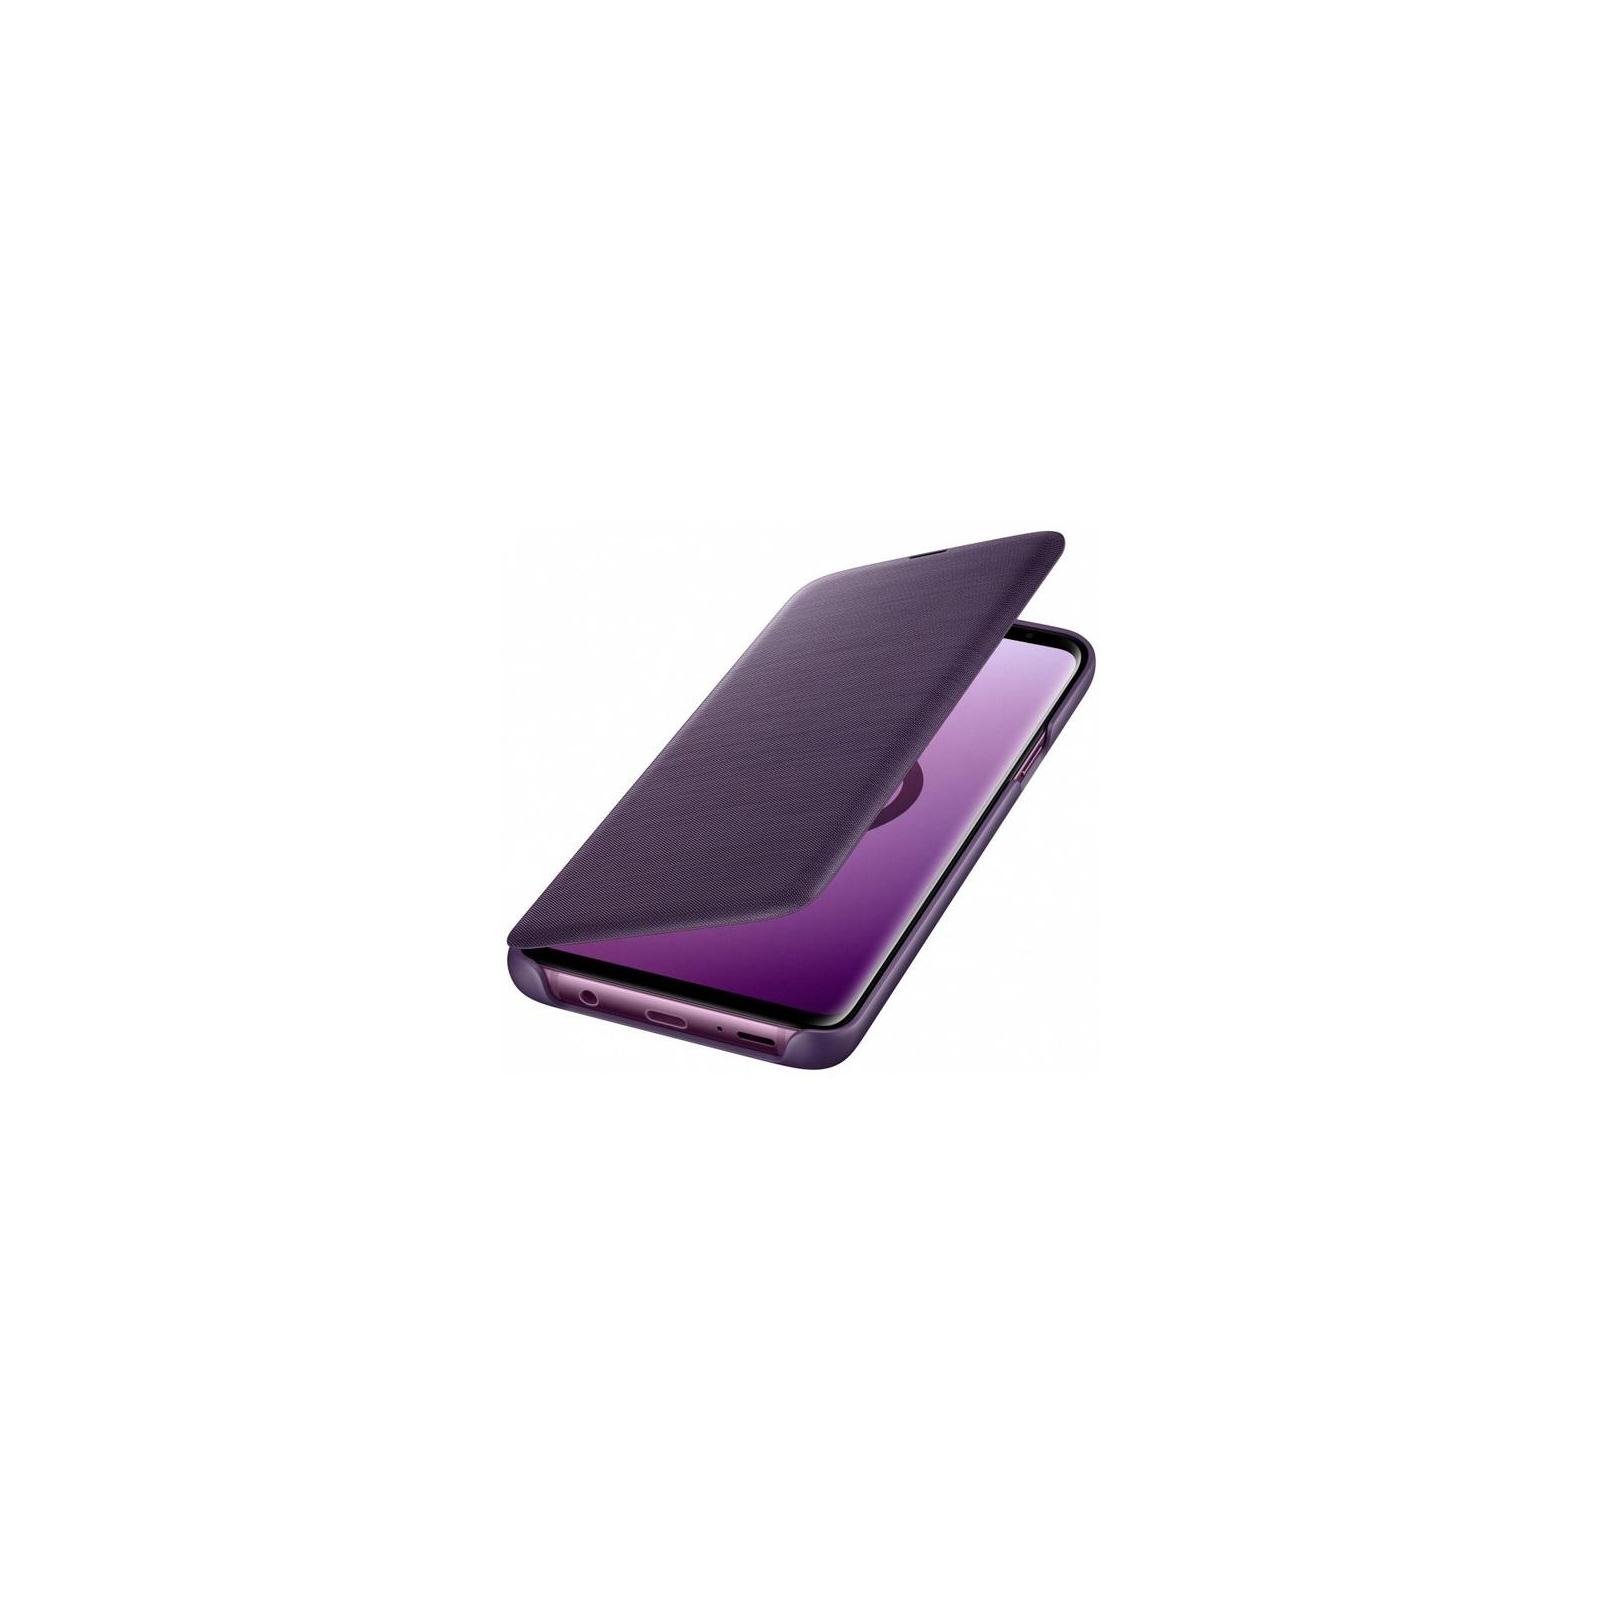 Чехол для моб. телефона Samsung для Galaxy S9+ (G965) LED View Cover Orchid Gray (EF-NG965PVEGRU) изображение 2